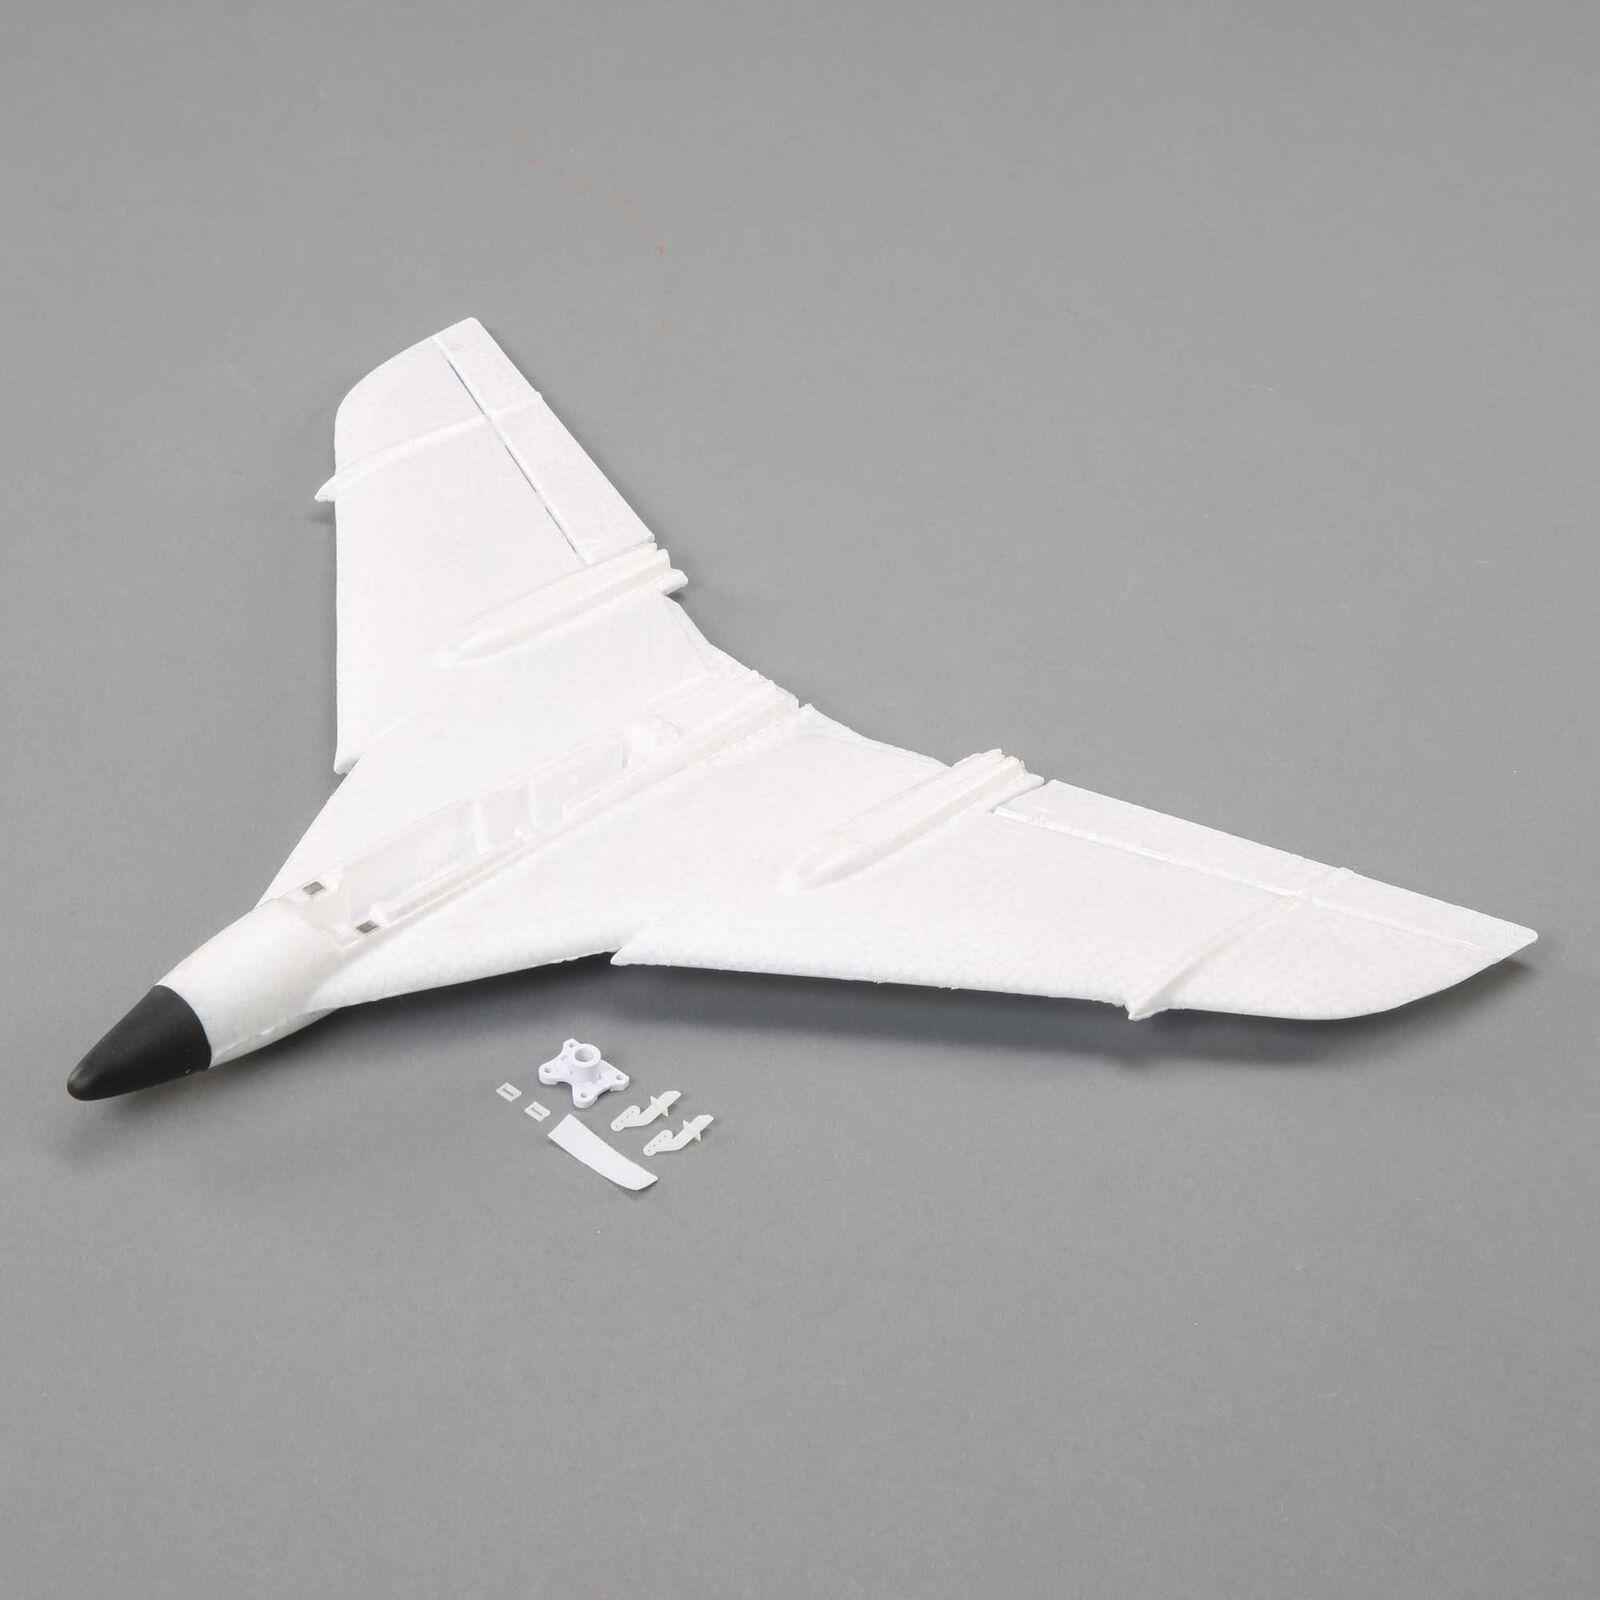 Painted Fuselage: UMX F-27